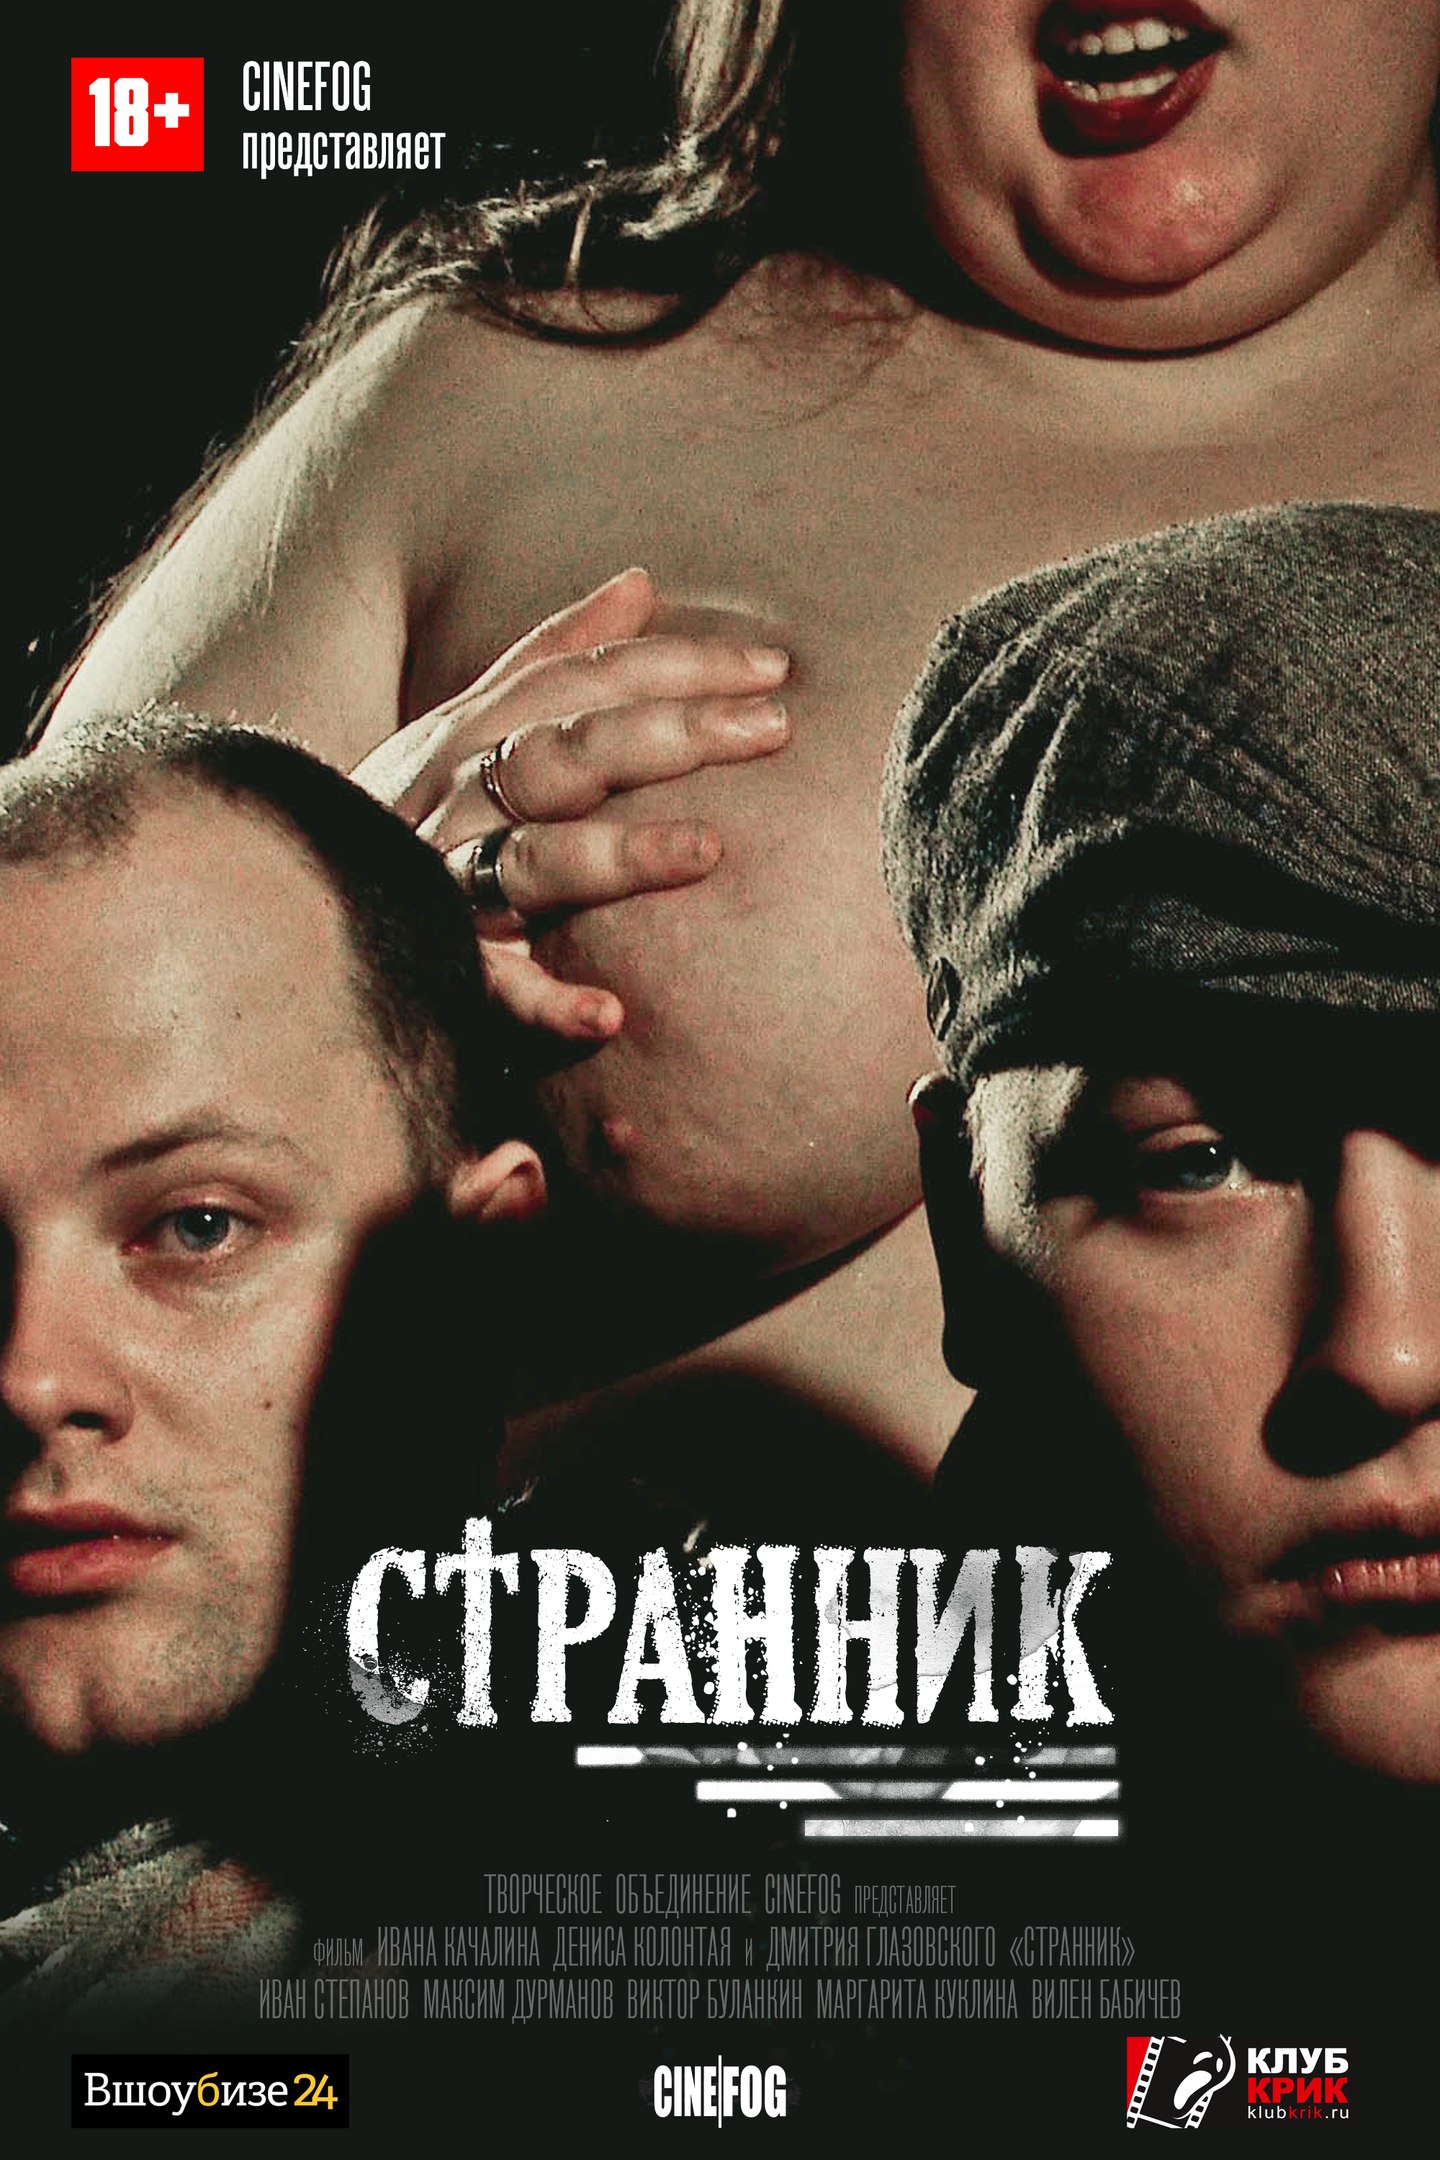 «Криминальная Россия Смотреть Онлайн Дневник Оборотня» — 1998